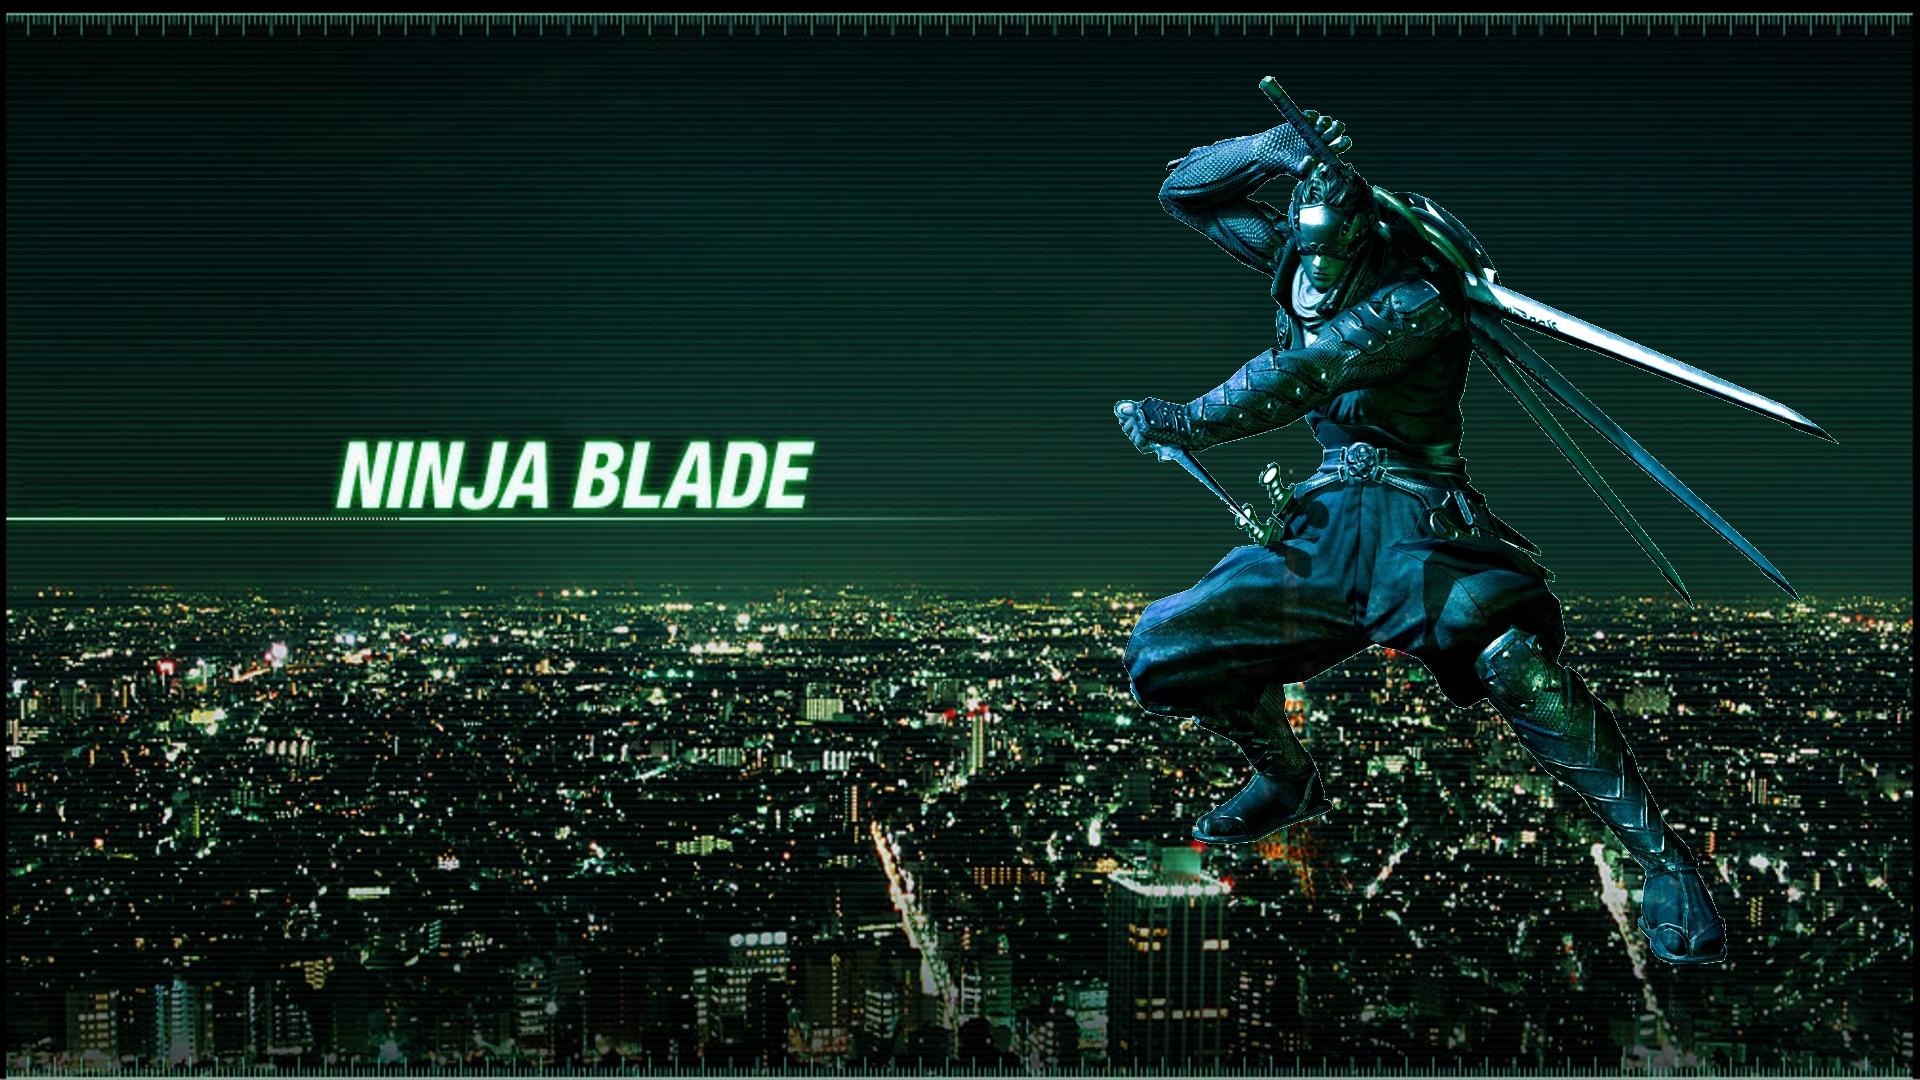 NinjaBladeWallpapers   NXE Wallpapers 1920x1080